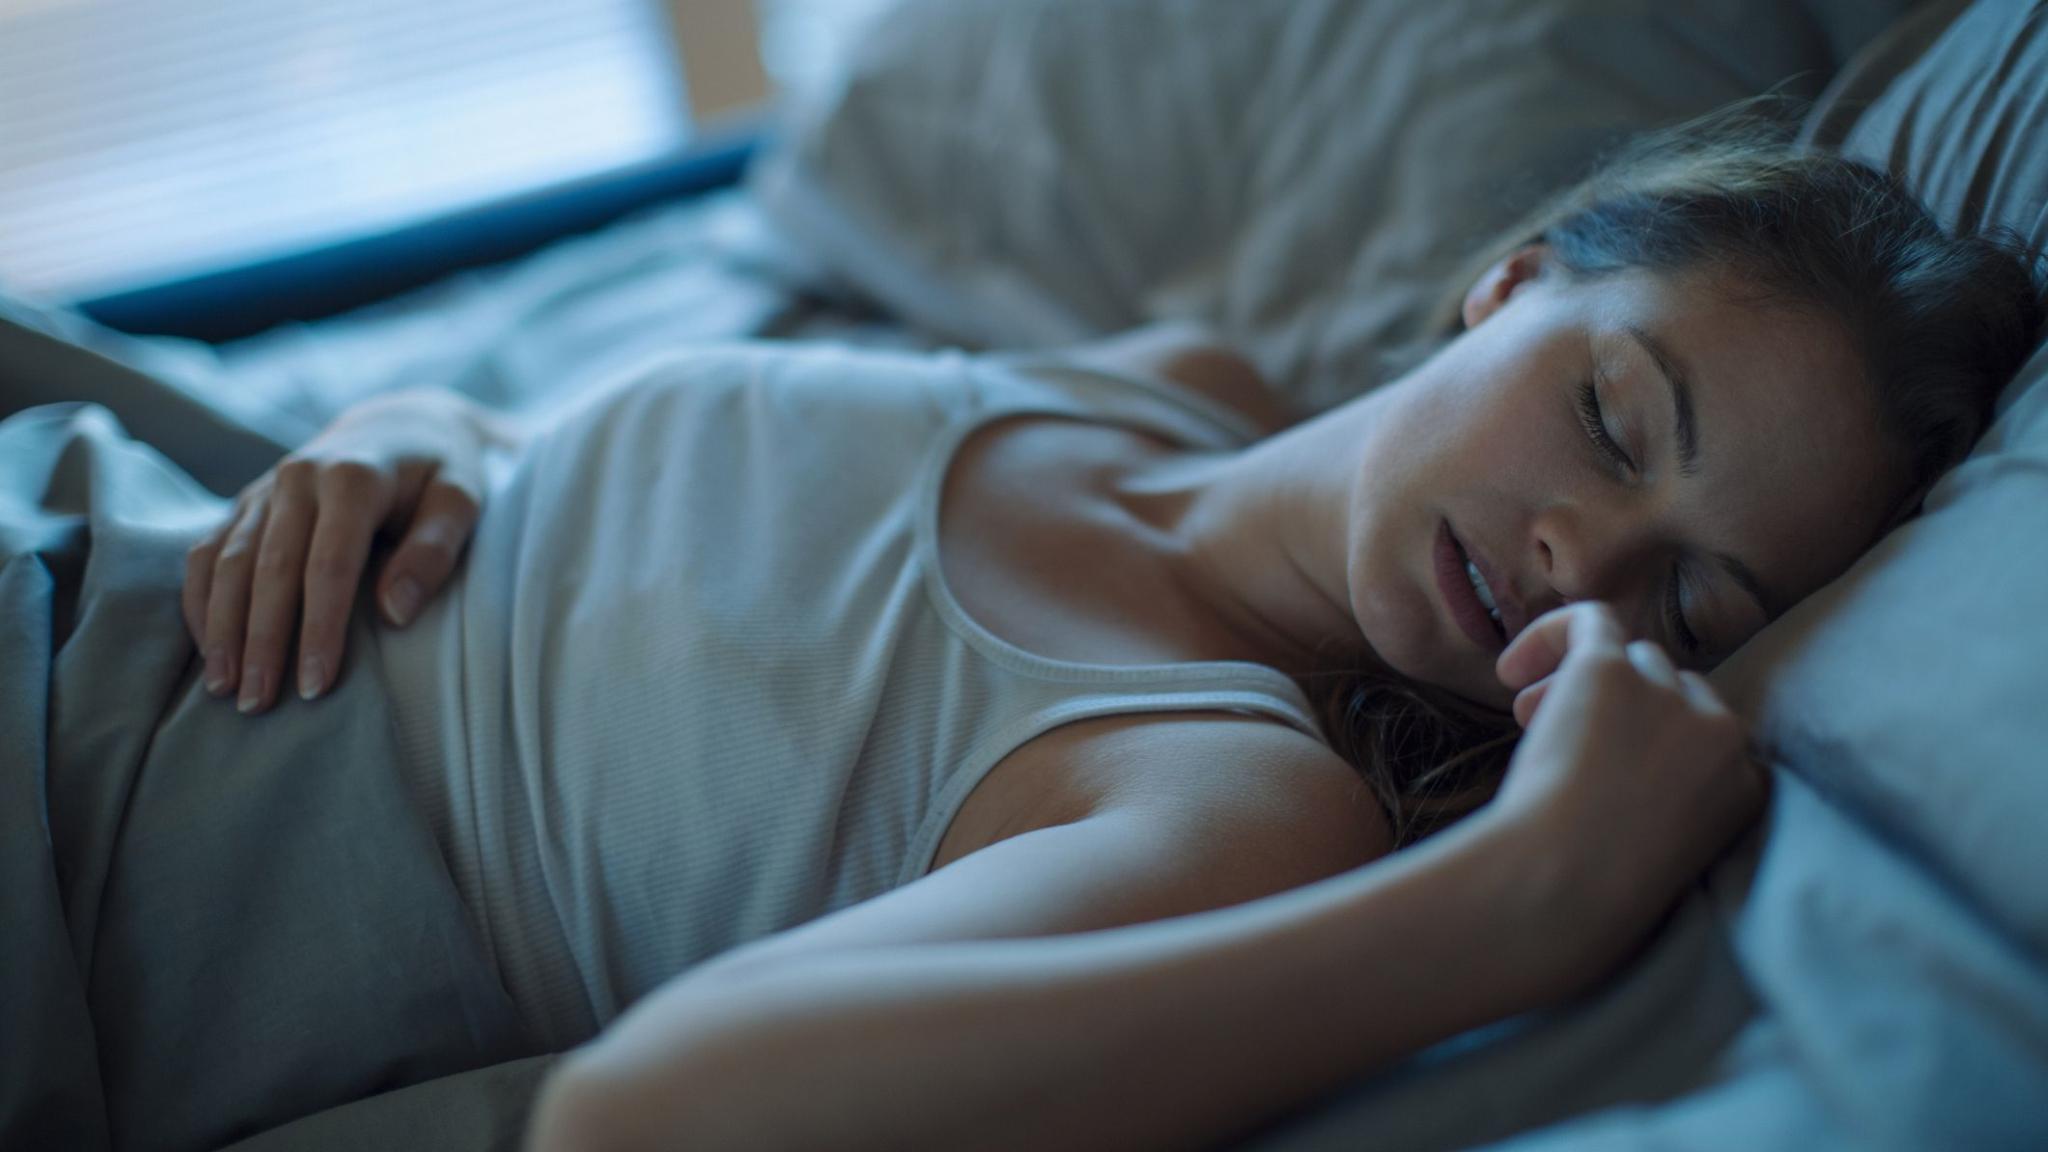 Сон во время карантина: дольше, регулярнее, но не такой качественный